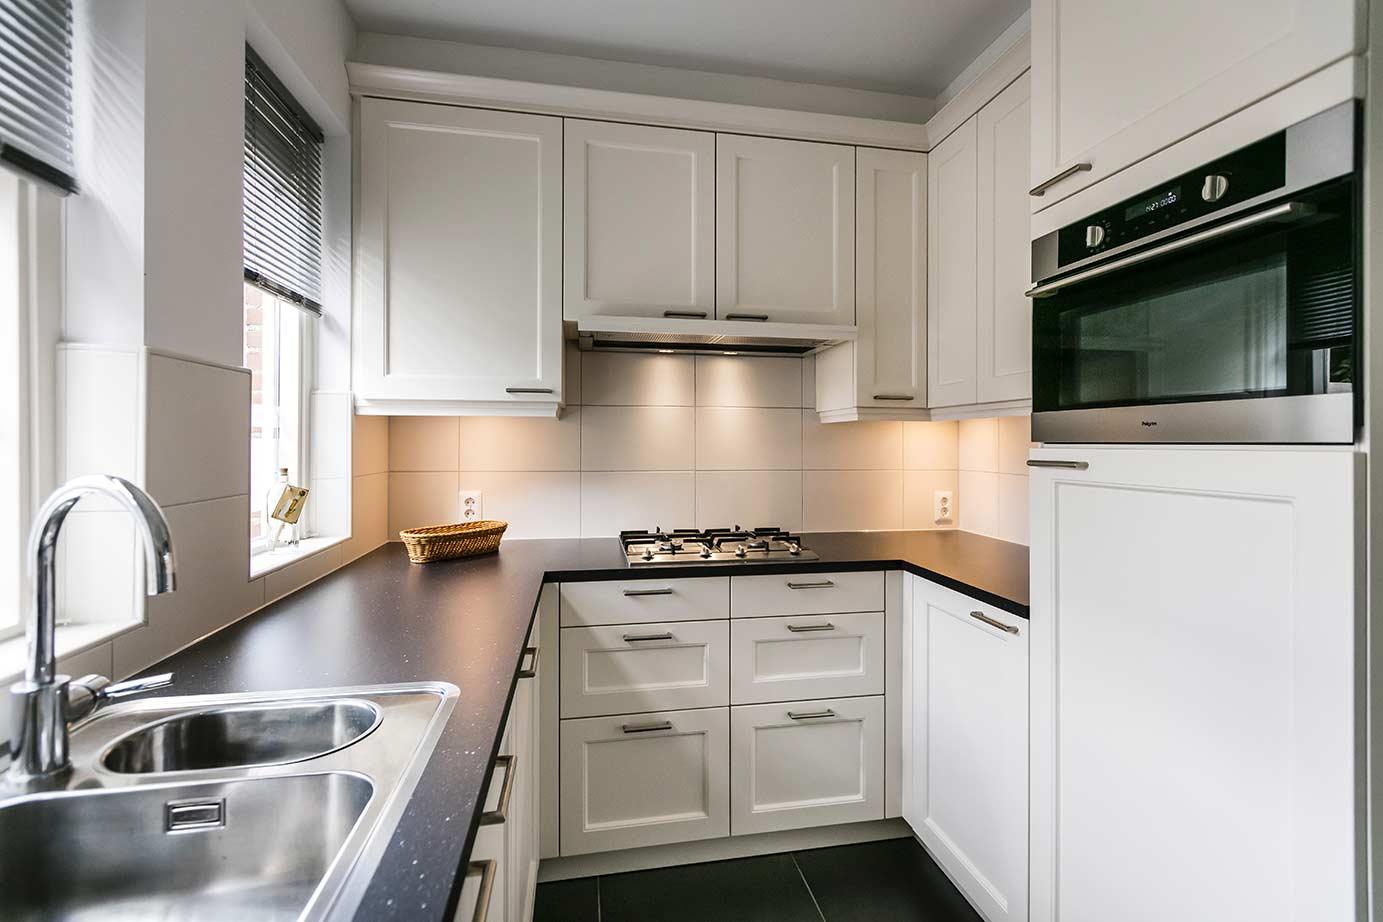 Fabulous Kleine keuken: kookeiland of hoekkeuken? Bekijk de mogelijkheden  KD59